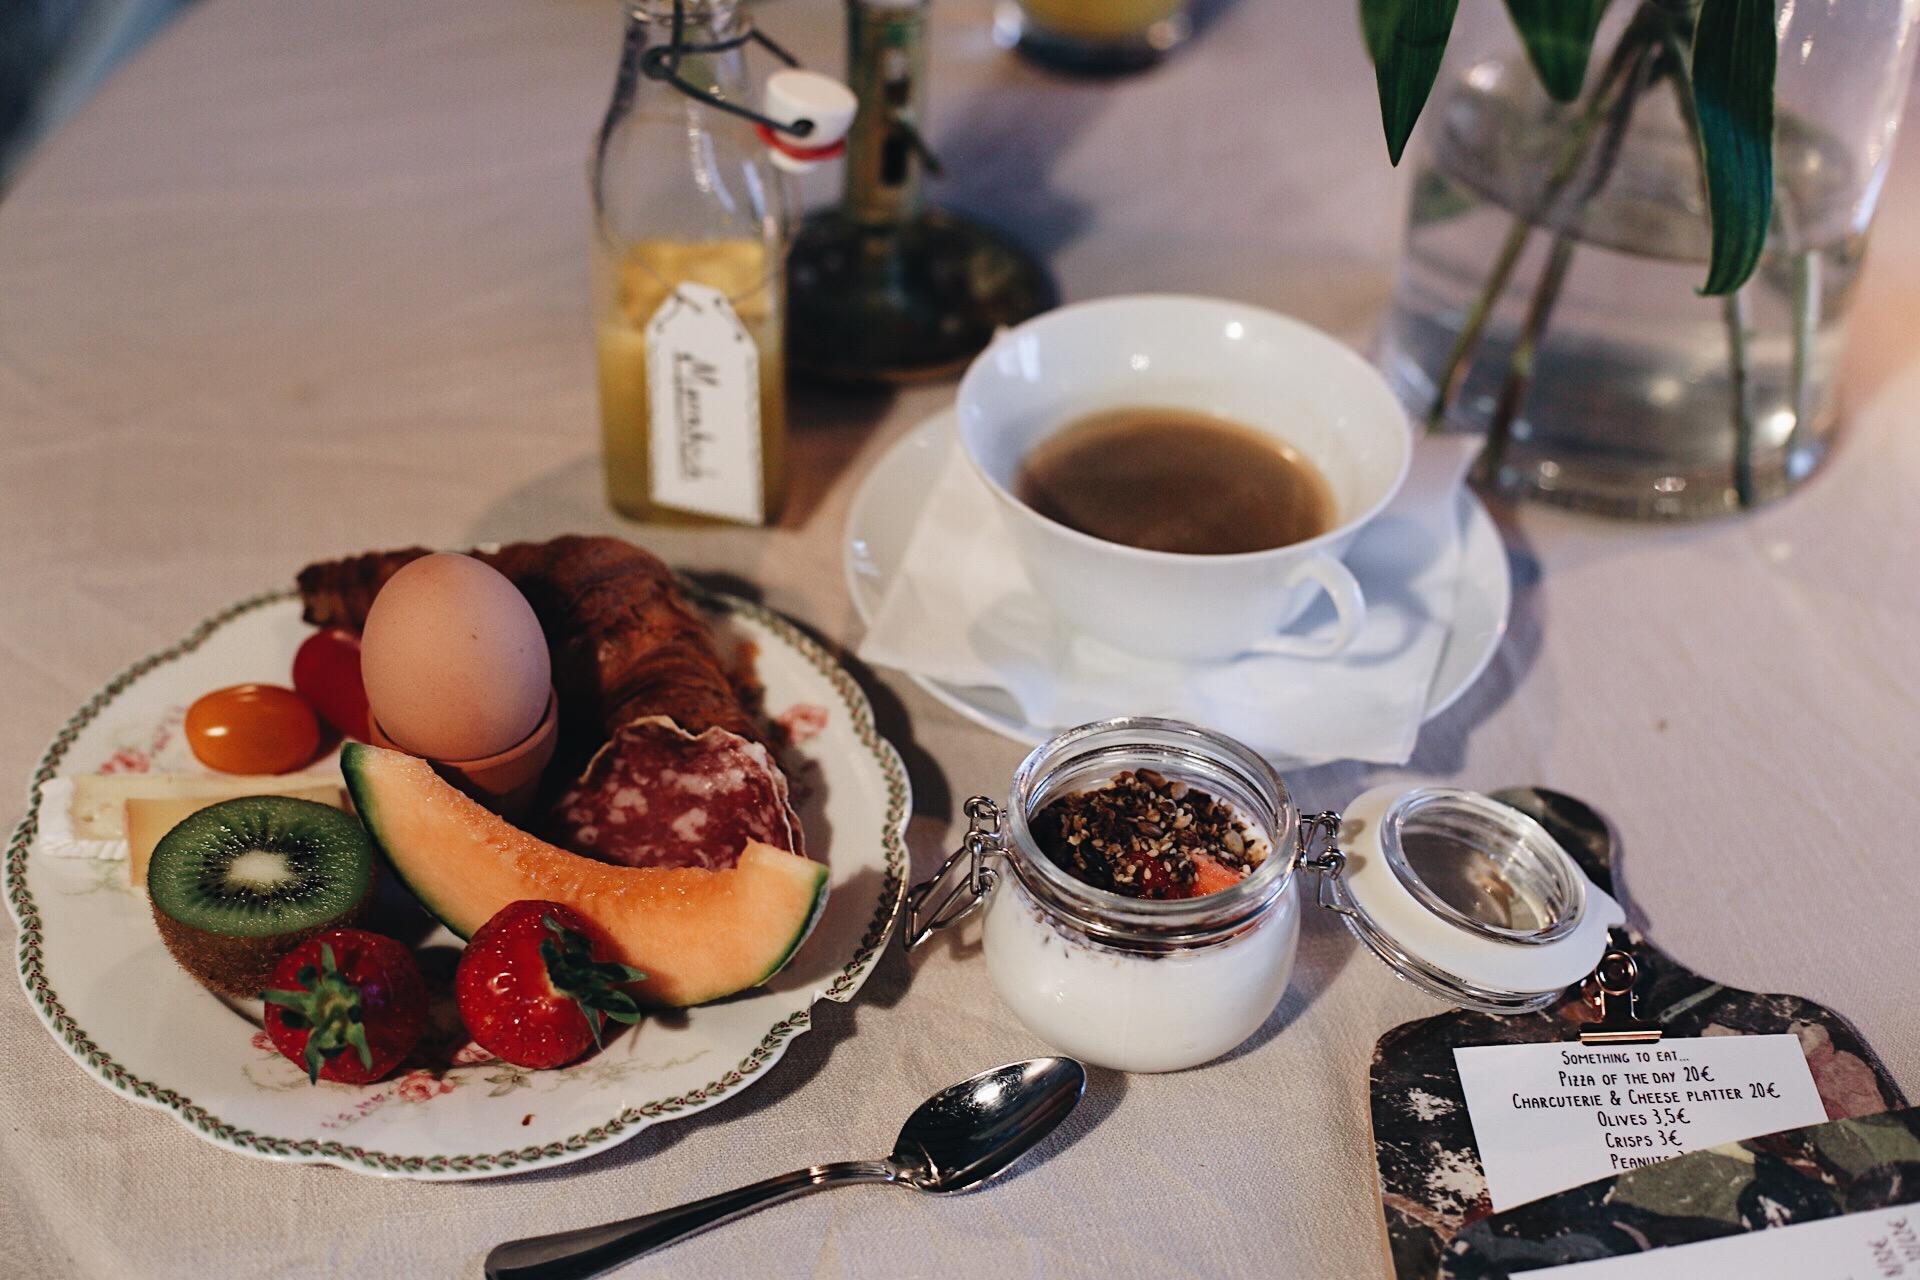 Hemmagjord Fikonmarmelad, egenrostad granola, färsk frukt, goda ostar och nybakt bröd. Plus en massa annat gott! Bästa frukosten på länge!